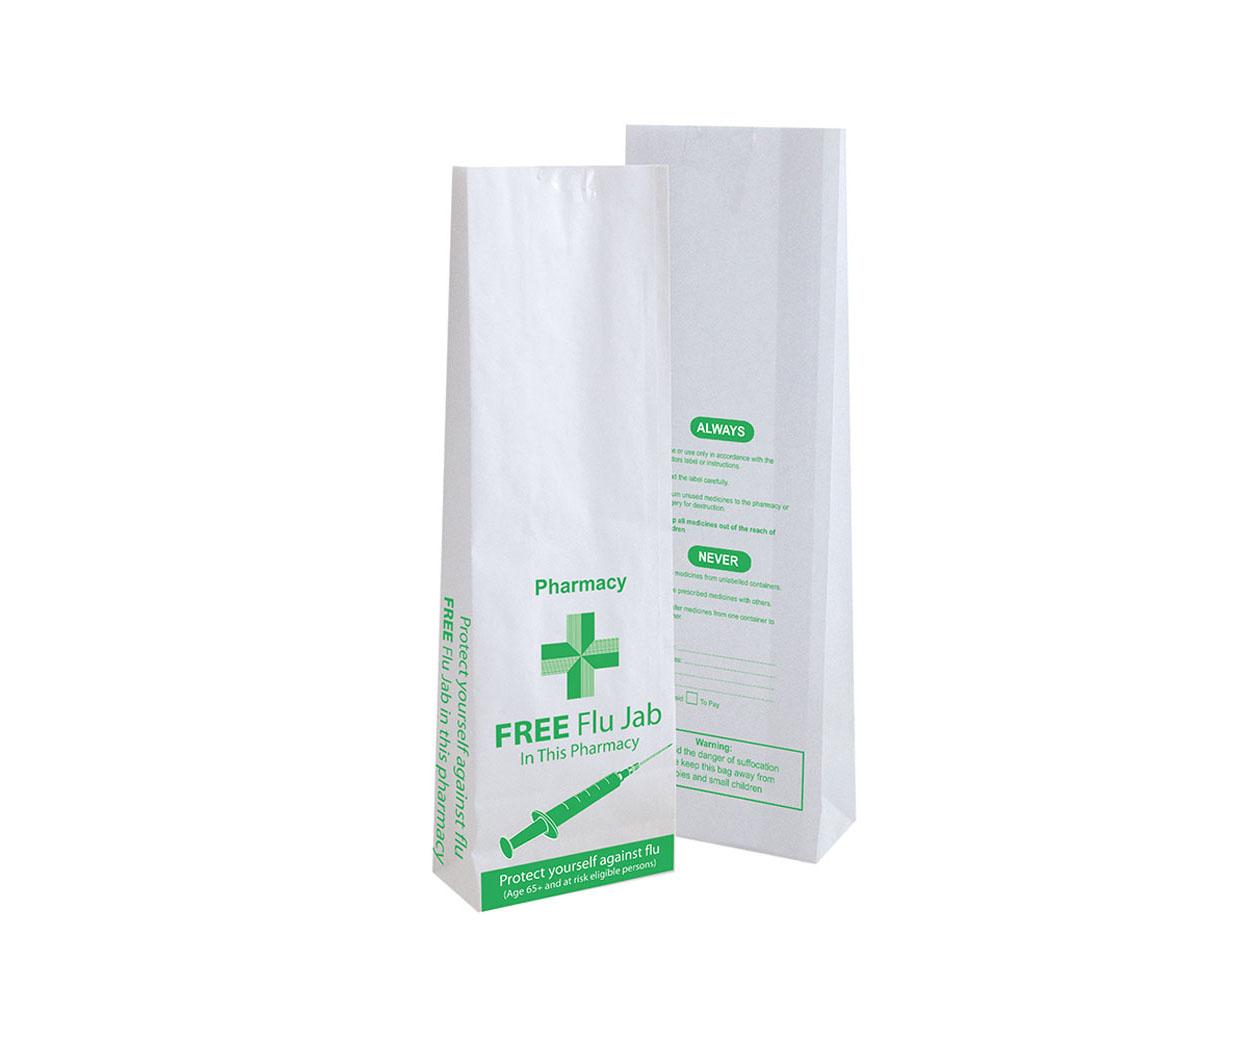 Flu Prescription Bags